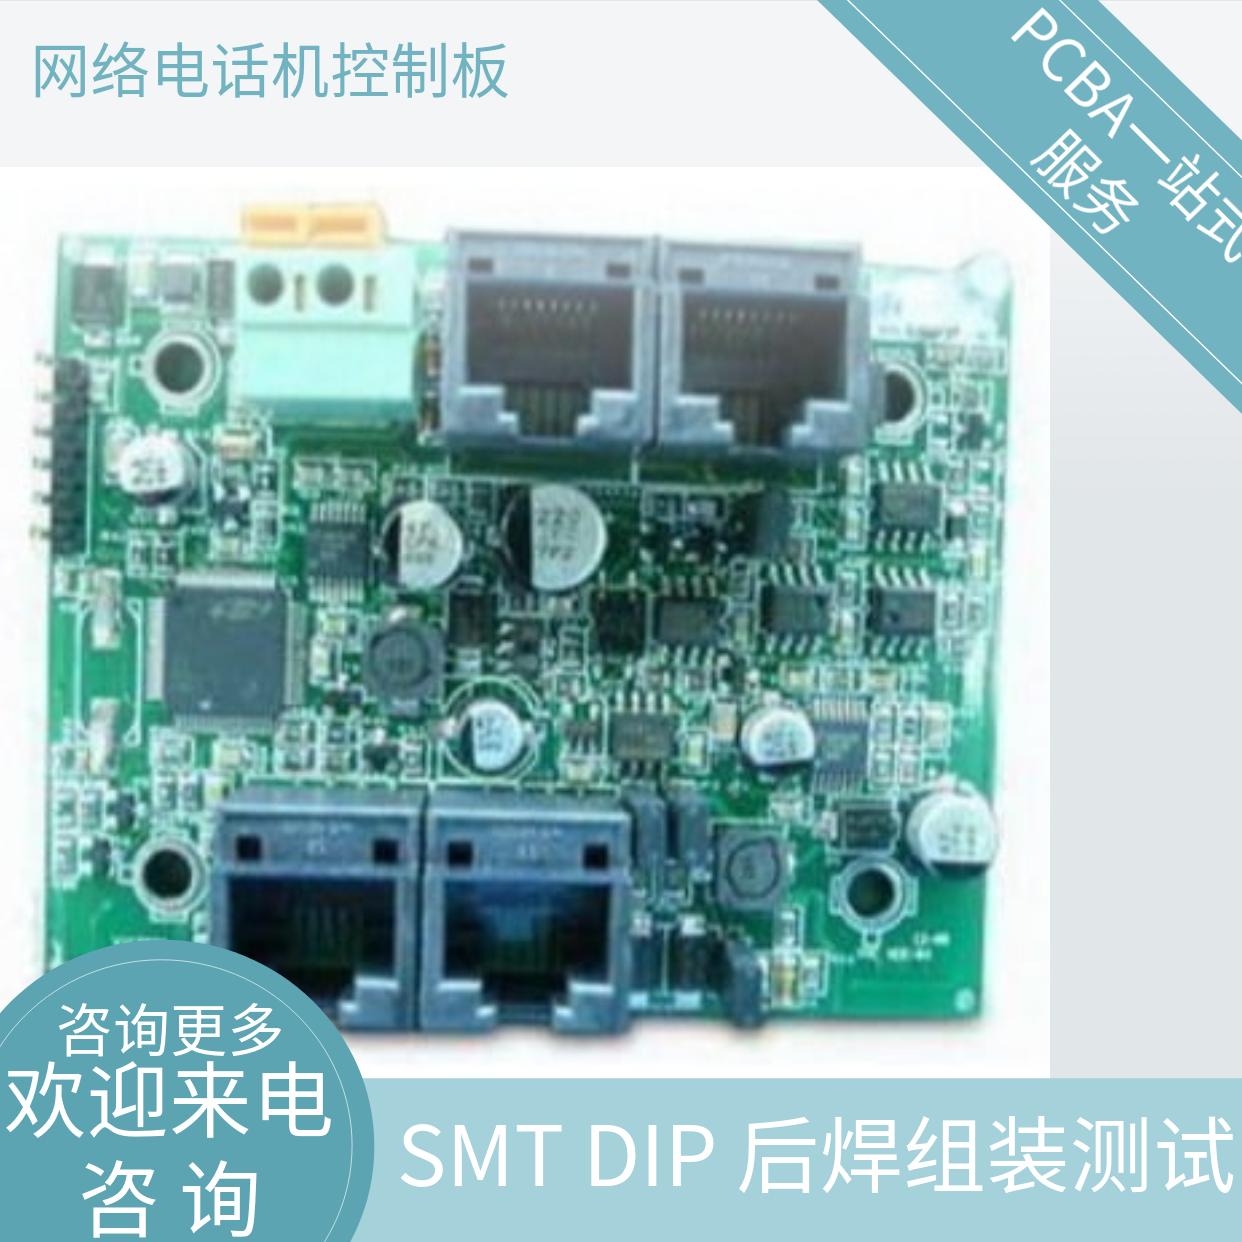 SMT贴片加工,插件后焊,组装,PCBA,电话机主板